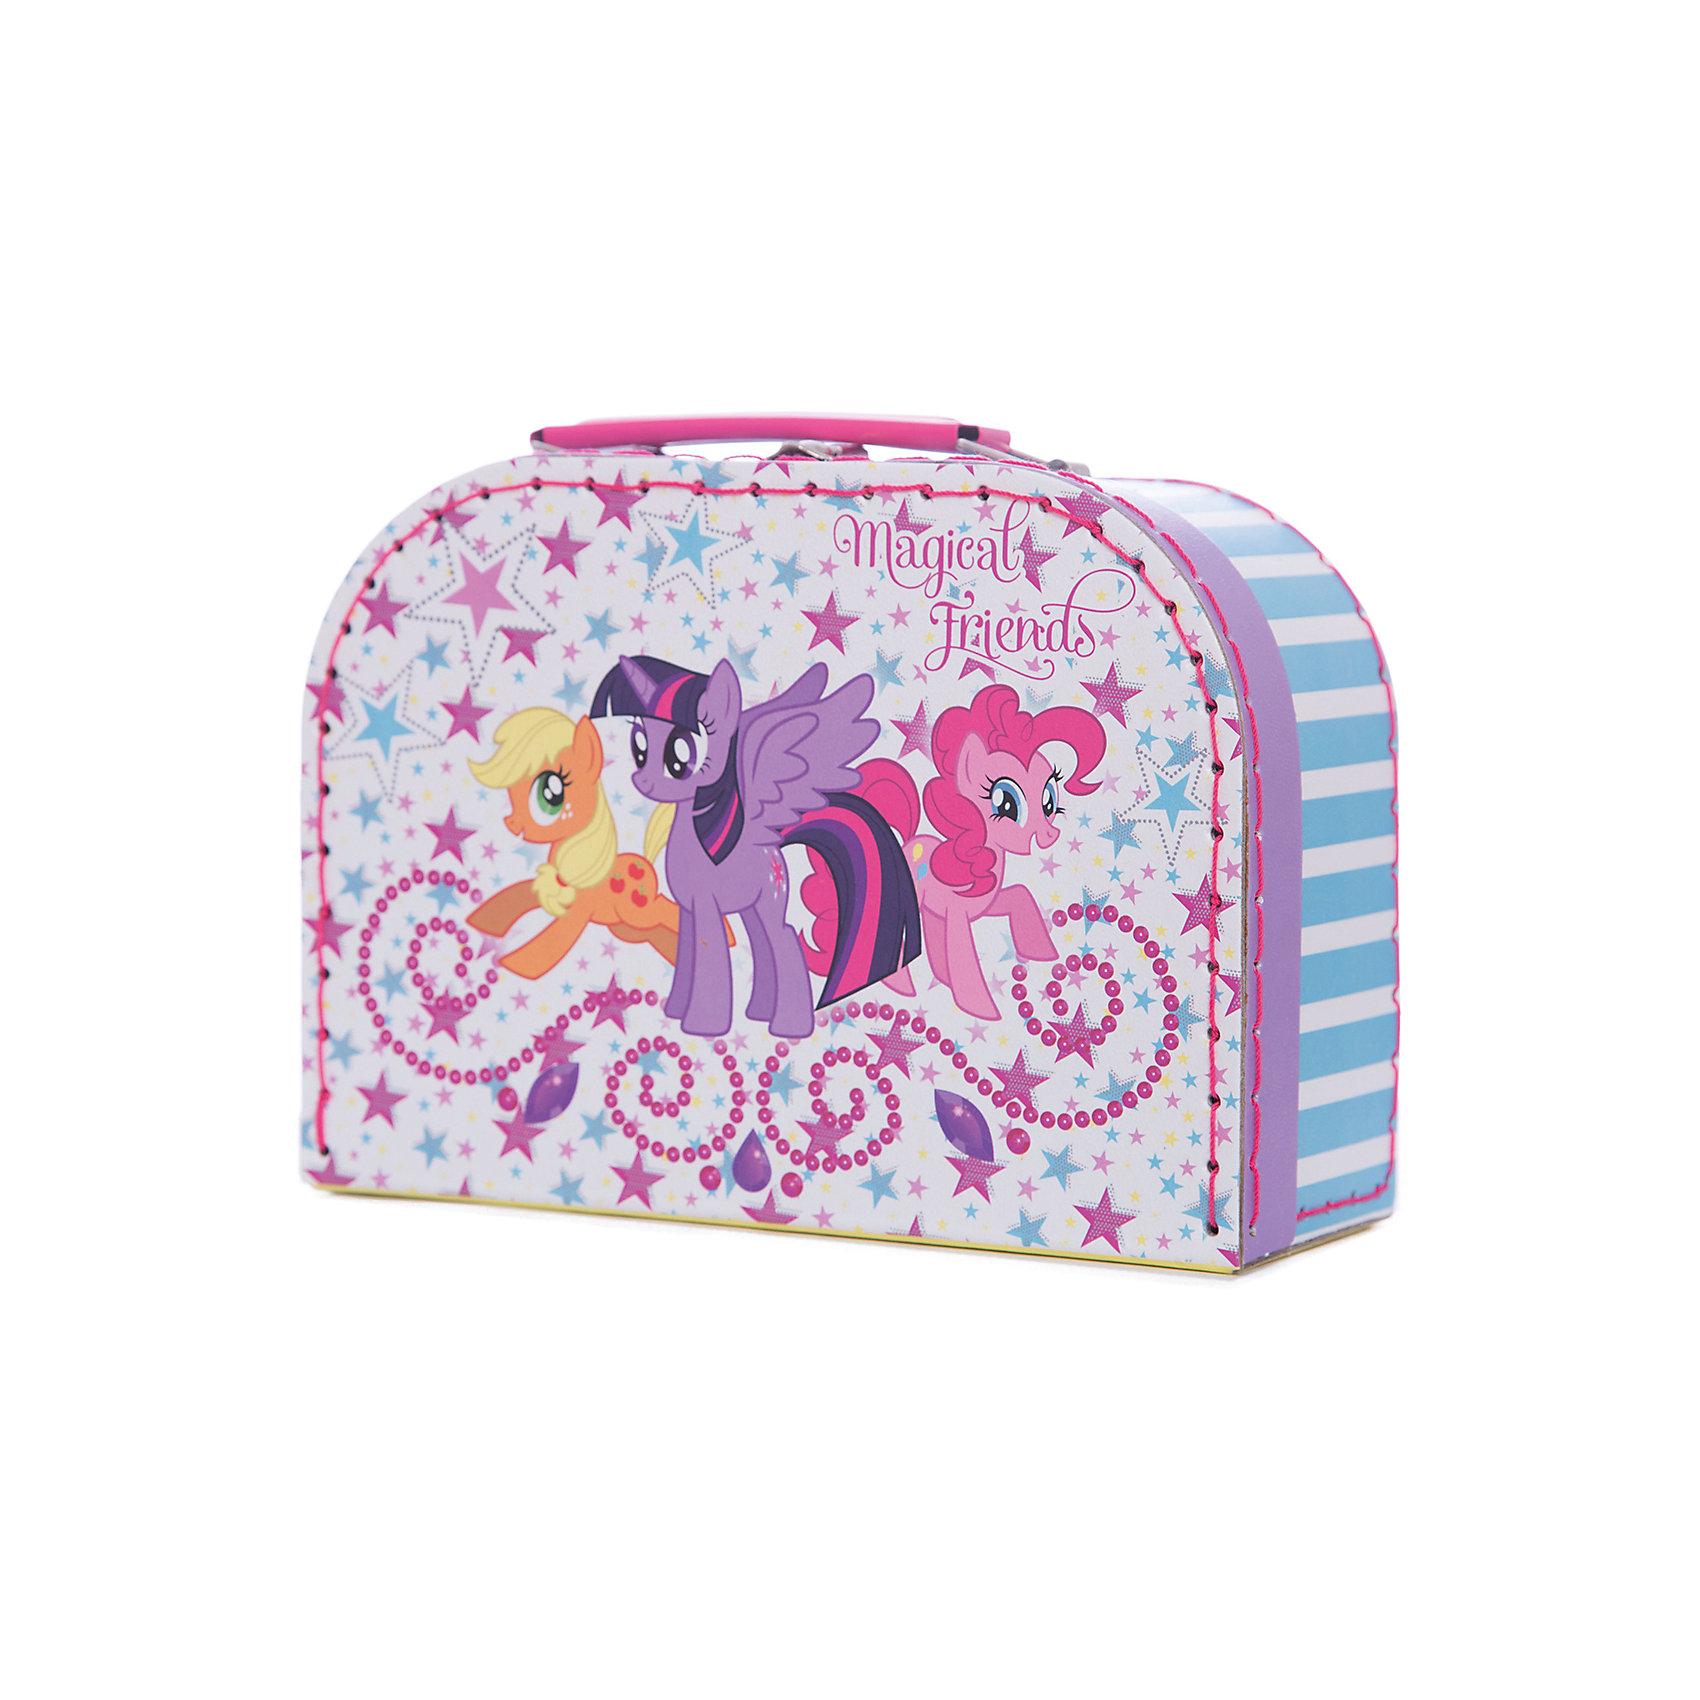 Шьем сумочку Пинки Пай, My Little PonyШитьё<br>Набор Шьем сумочку Пинки Пай, My Little Pony (Мой маленький пони) отлично подойдет для самых юных рукодельниц, которые только начинают осваивать увлекательное искусство шитья. Каждая деталь из фетра перфорирована таким образом, чтобы девочка могла очень легко сшить их безопасной иголкой. Используя подробную инструкцию, она легко сможет сделать оригинальную круглую сумочку с ручками с изображением задорной Пинки Пай. Презентабельная упаковка в виде чемоданчика делает набор роскошным подарком.<br><br>Комплектация: фетровые детали, безопасная игла, нитки, текстильные заготовки для ручек, пайетки<br><br>Дополнительная информация:<br>-Серия: Мой маленький пони: Дружба – это чудо<br>-Вес в упаковке: 175 г<br>-Размеры в упаковке: 200х80х145 мм<br>-Материалы: фетр, пластик, картон, металл<br>-Упаковка: сумка с ручкой<br><br>Творческий набор станет замечательным подарком всем поклонницам мультсериала «Дружба – это чудо!», а также всем девочкам, которые мечтают научиться шить!<br><br>Шьем сумочку Пинки Пай, My Little Pony (Май литл Пони) можно купить в нашем магазине.<br><br>Ширина мм: 200<br>Глубина мм: 80<br>Высота мм: 145<br>Вес г: 175<br>Возраст от месяцев: 60<br>Возраст до месяцев: 144<br>Пол: Женский<br>Возраст: Детский<br>SKU: 4035254